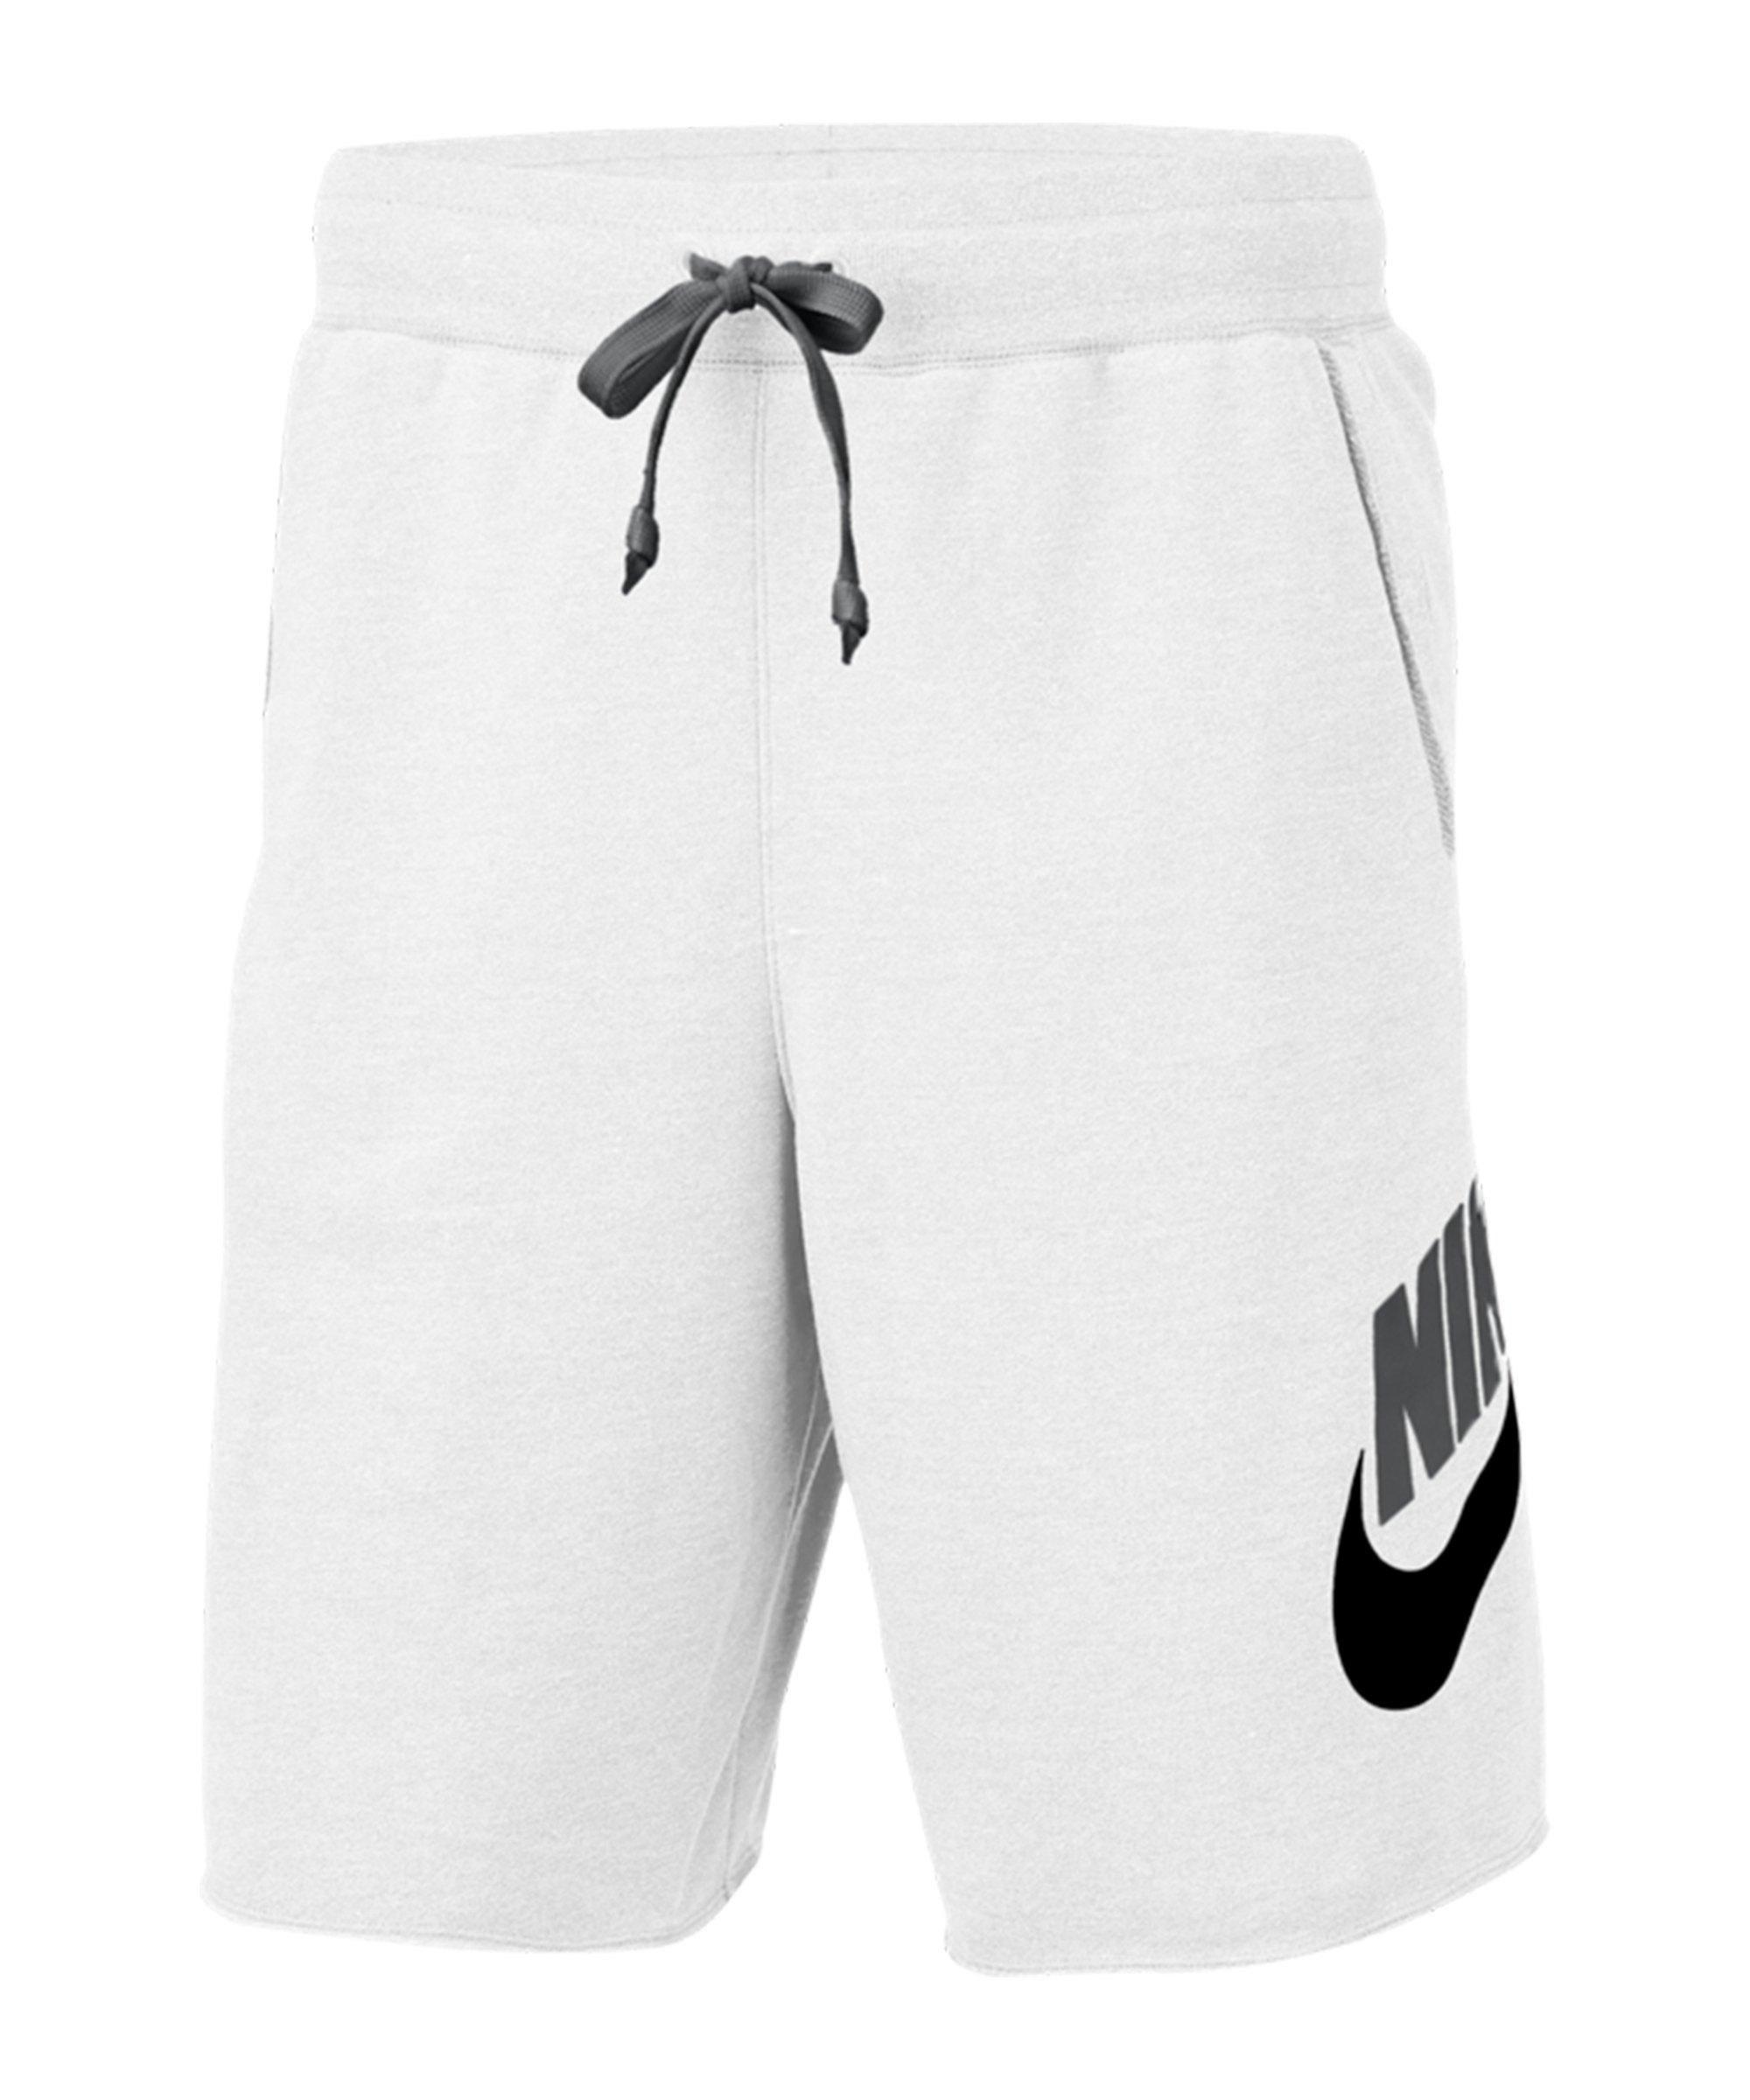 Nike Sportswear Alumni Short Weiss Schwarz F103 - weiss